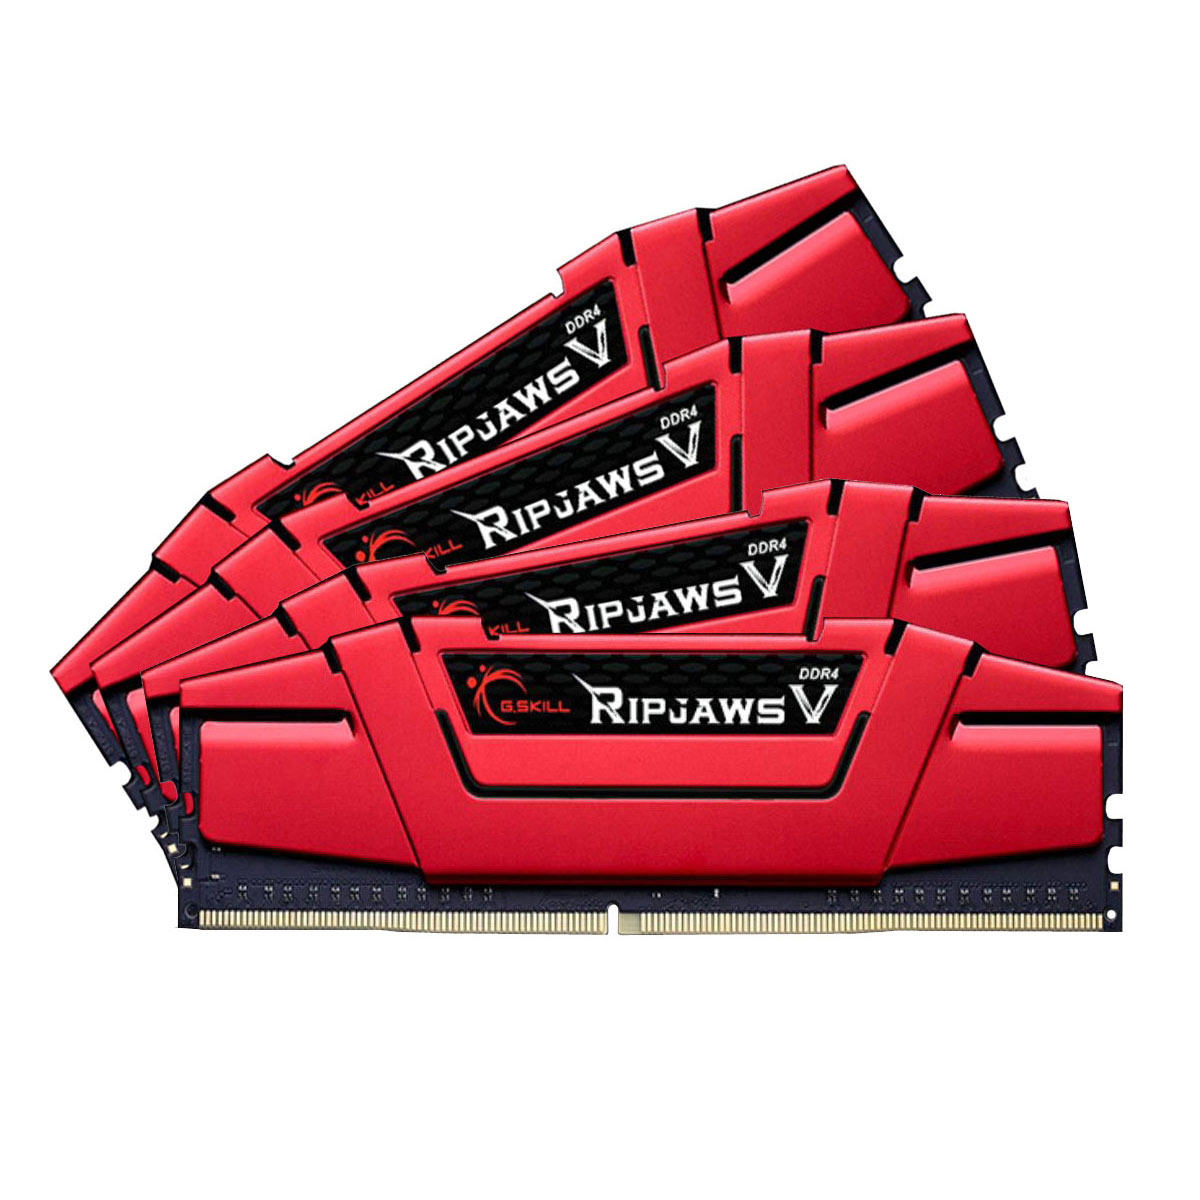 Mémoire PC G.Skill RipJaws 5 Series Rouge 16 Go (4x 4 Go) DDR4 2400 MHz CL15 Kit Quad Channel 4 barrettes de RAM DDR4 PC4-19200 - F4-2400C15Q-16GVR